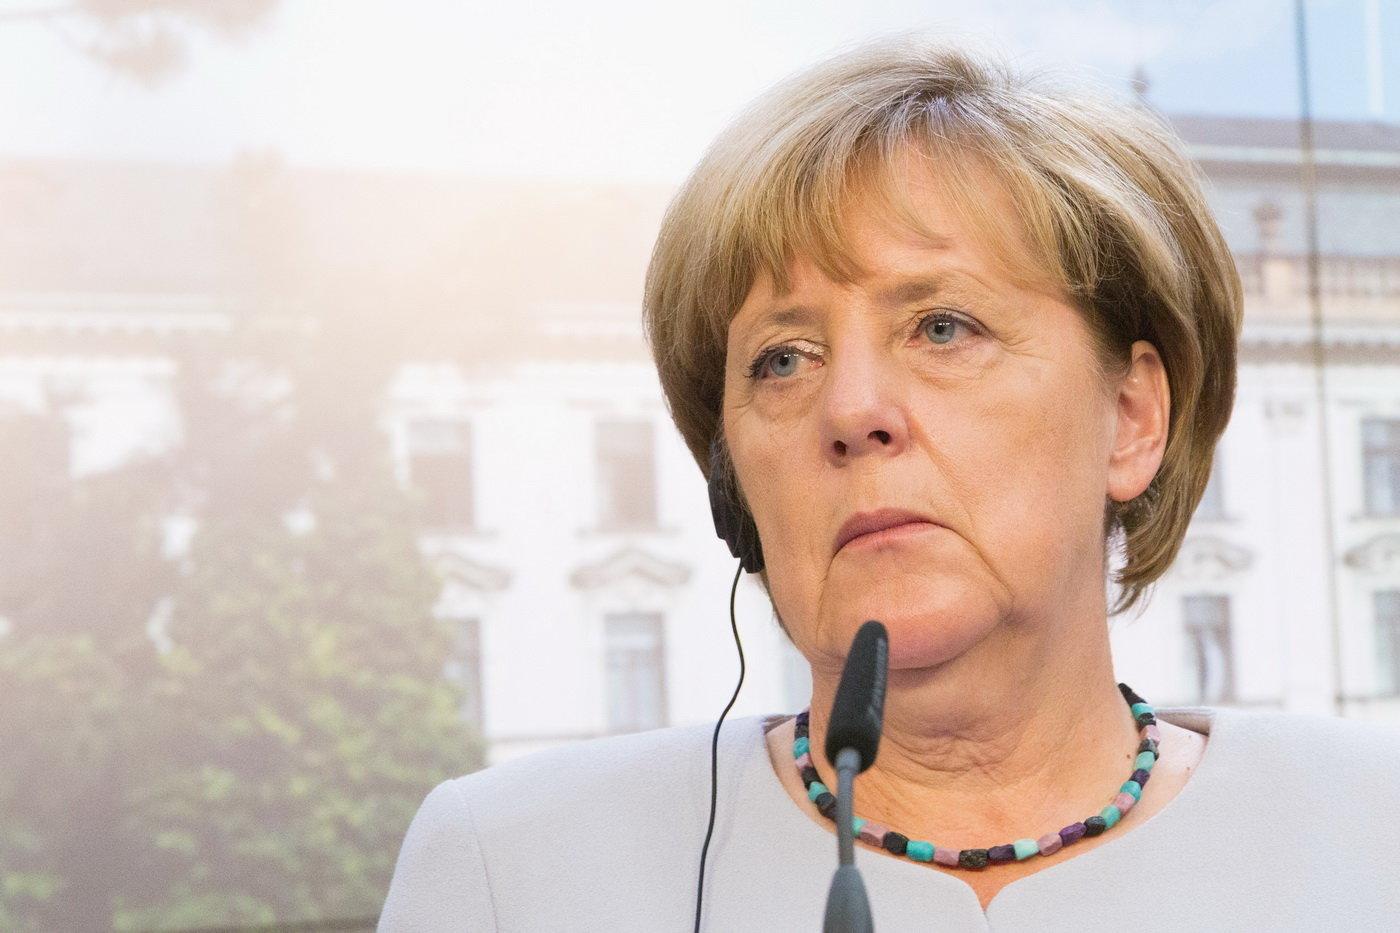 Už o víkendu v Německu proběhnou parlamentní volby, kde si lidé zvolí nové složení spolkového sněmu. Podívejte se na nejzásadnější události, se kterými se musel potýkat dosluhující čtvrtý kabinet kancléřky Angely Merkelové.